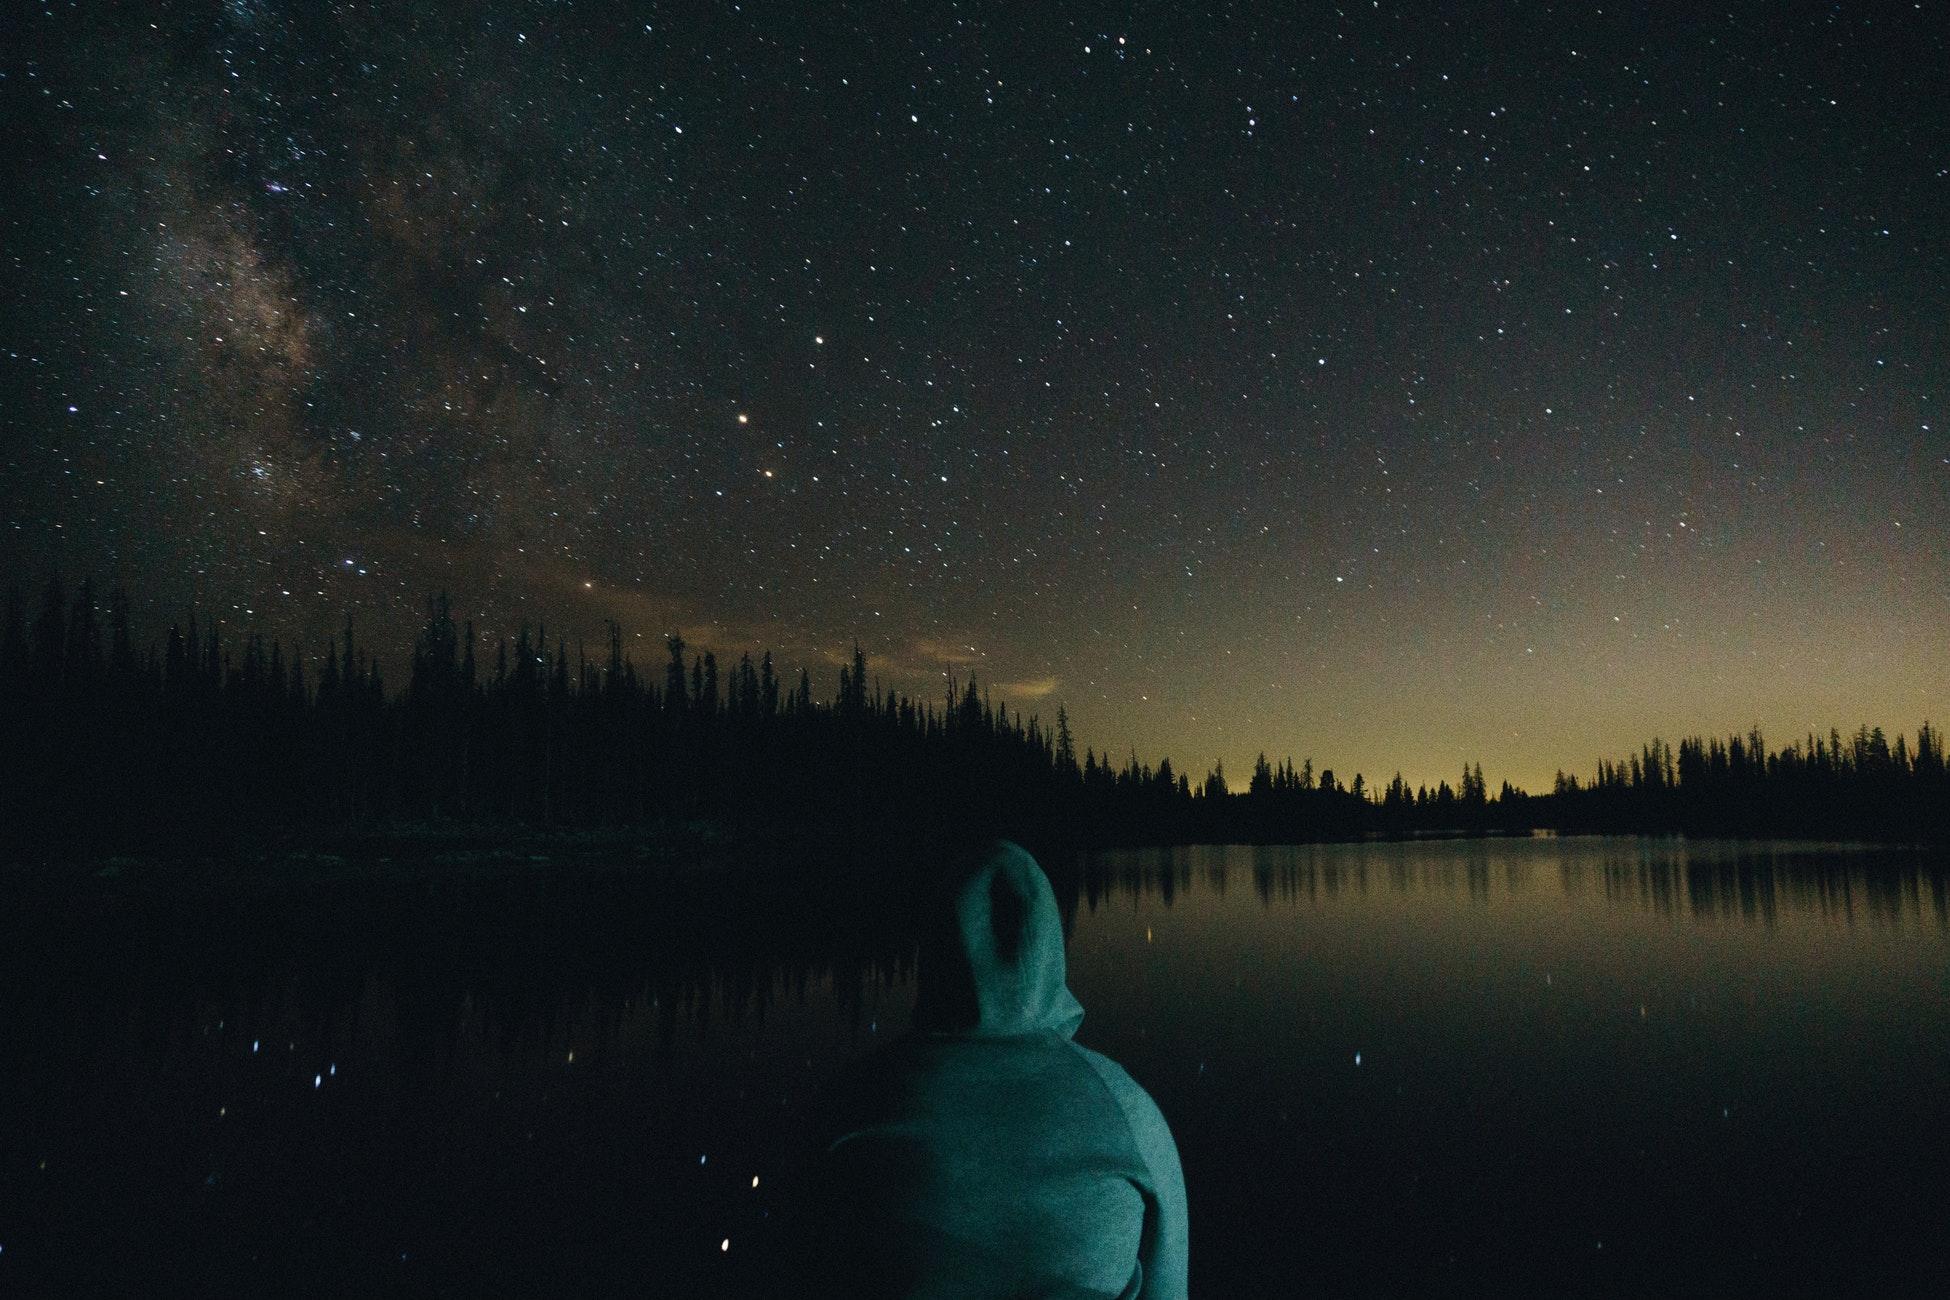 Para encontrar el propósito de la vida hemos de responder a ciertas preguntas como ¿existe un creador? o ¿por qué estamos aquí?